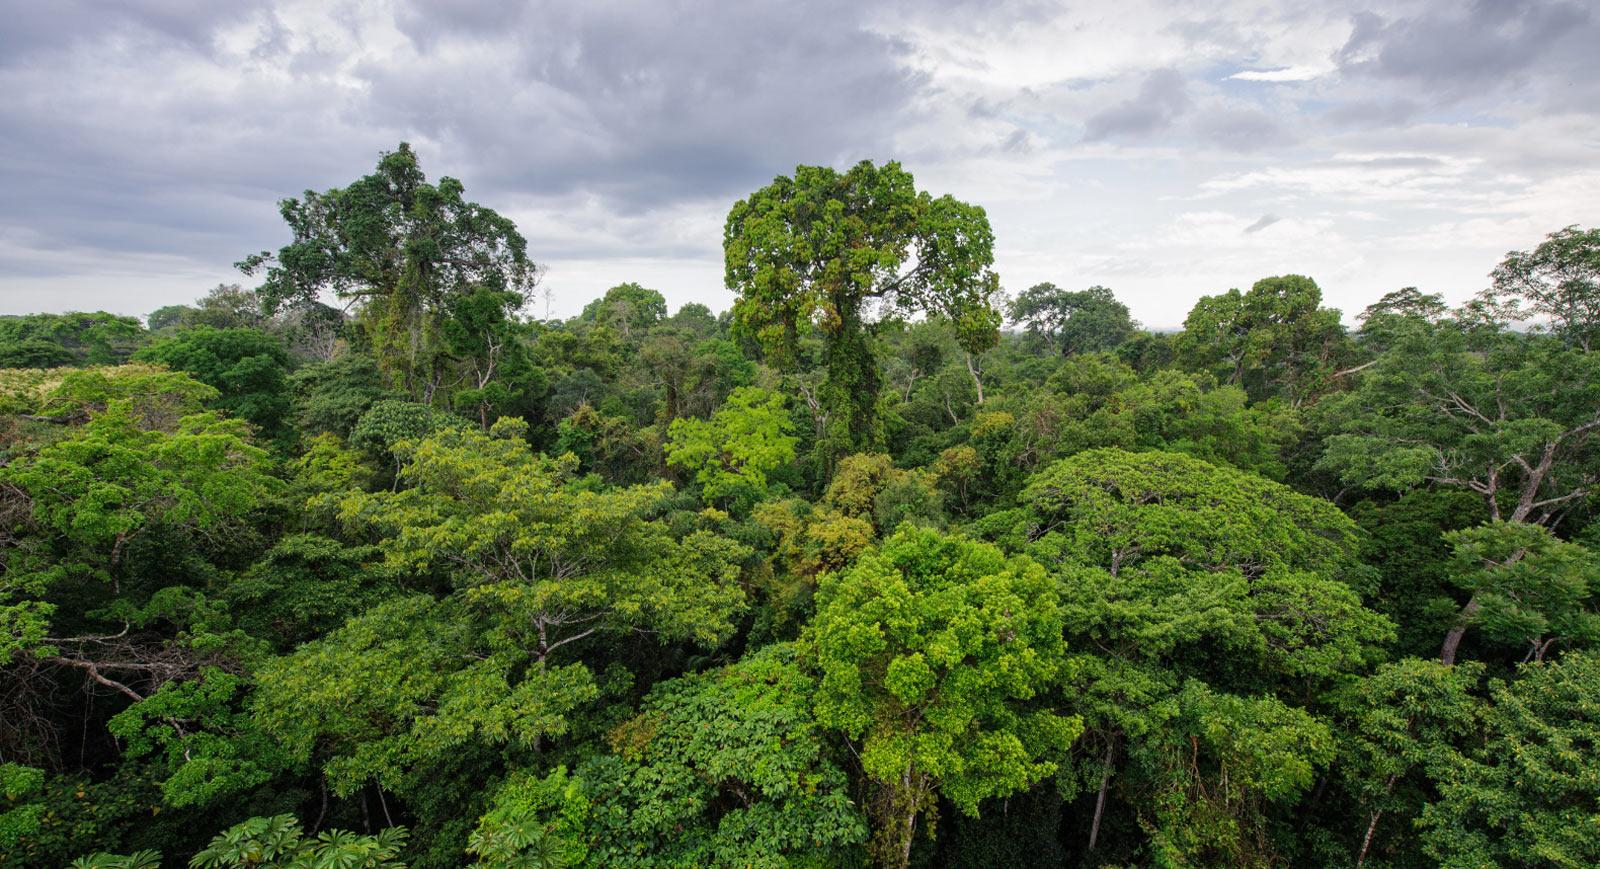 selva-peru-amazonas-deforestacion-indigenas